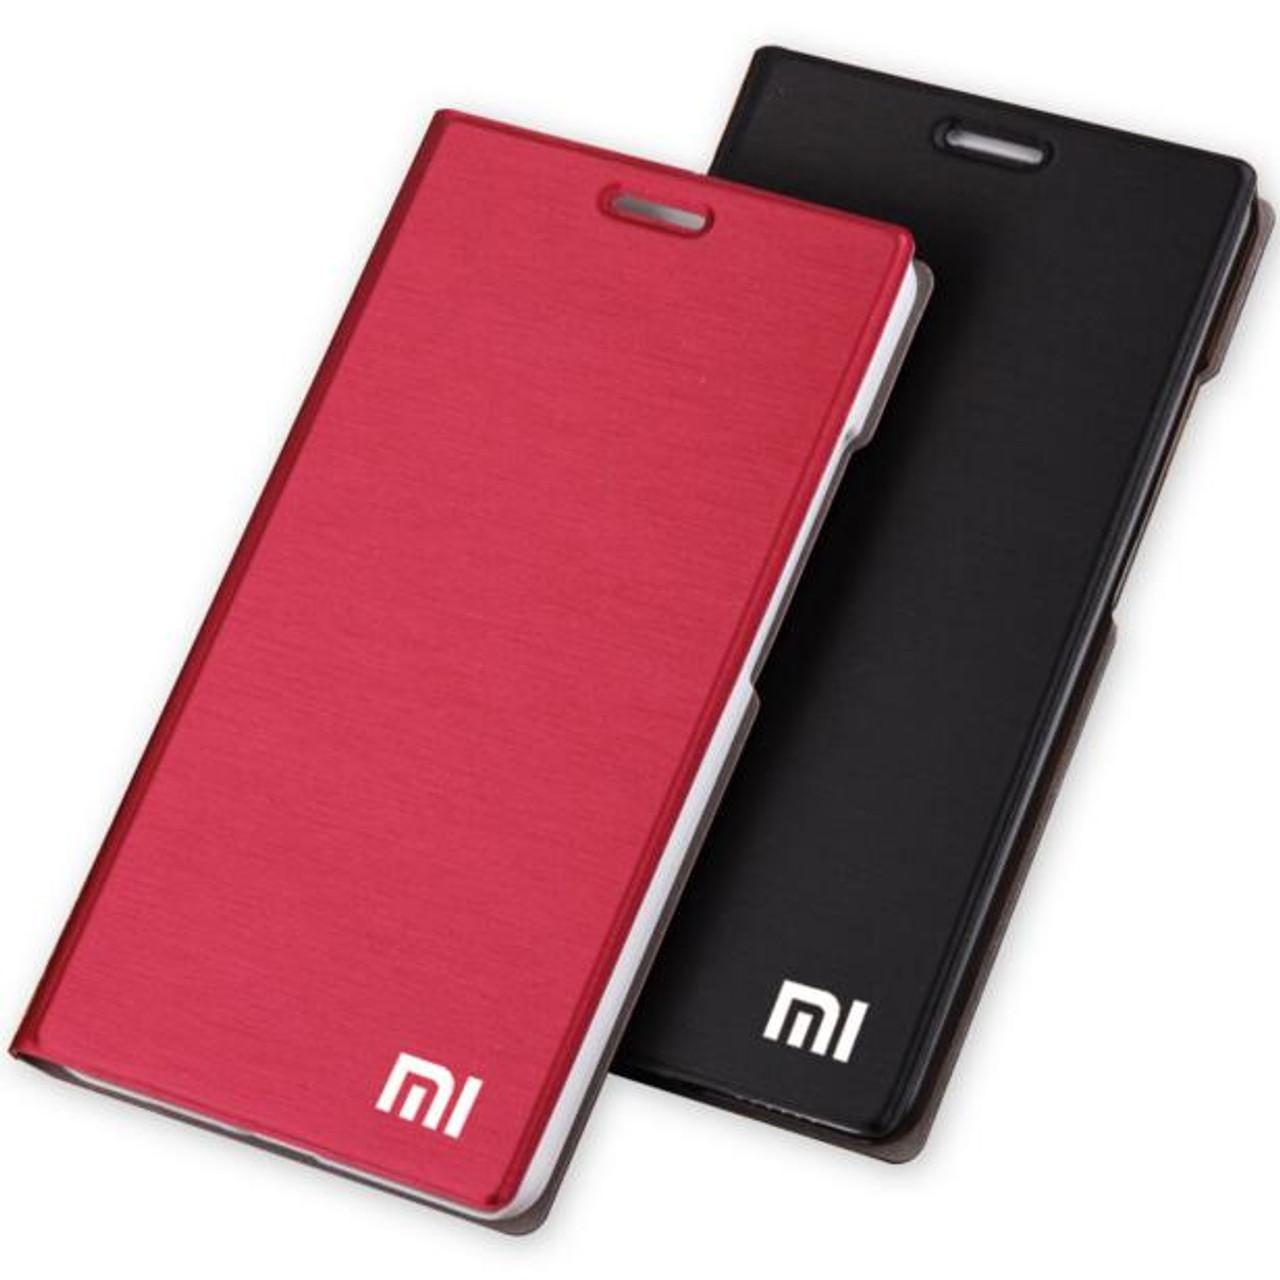 Nuovi Prodotti cb921 b4449 Xiaomi mi redmi note 4 4x 4A Case Leather Cover Luxury Flip Stand Original  For Xiaomi redmi 4X 4A pro 4X Prime ,OEM product Case